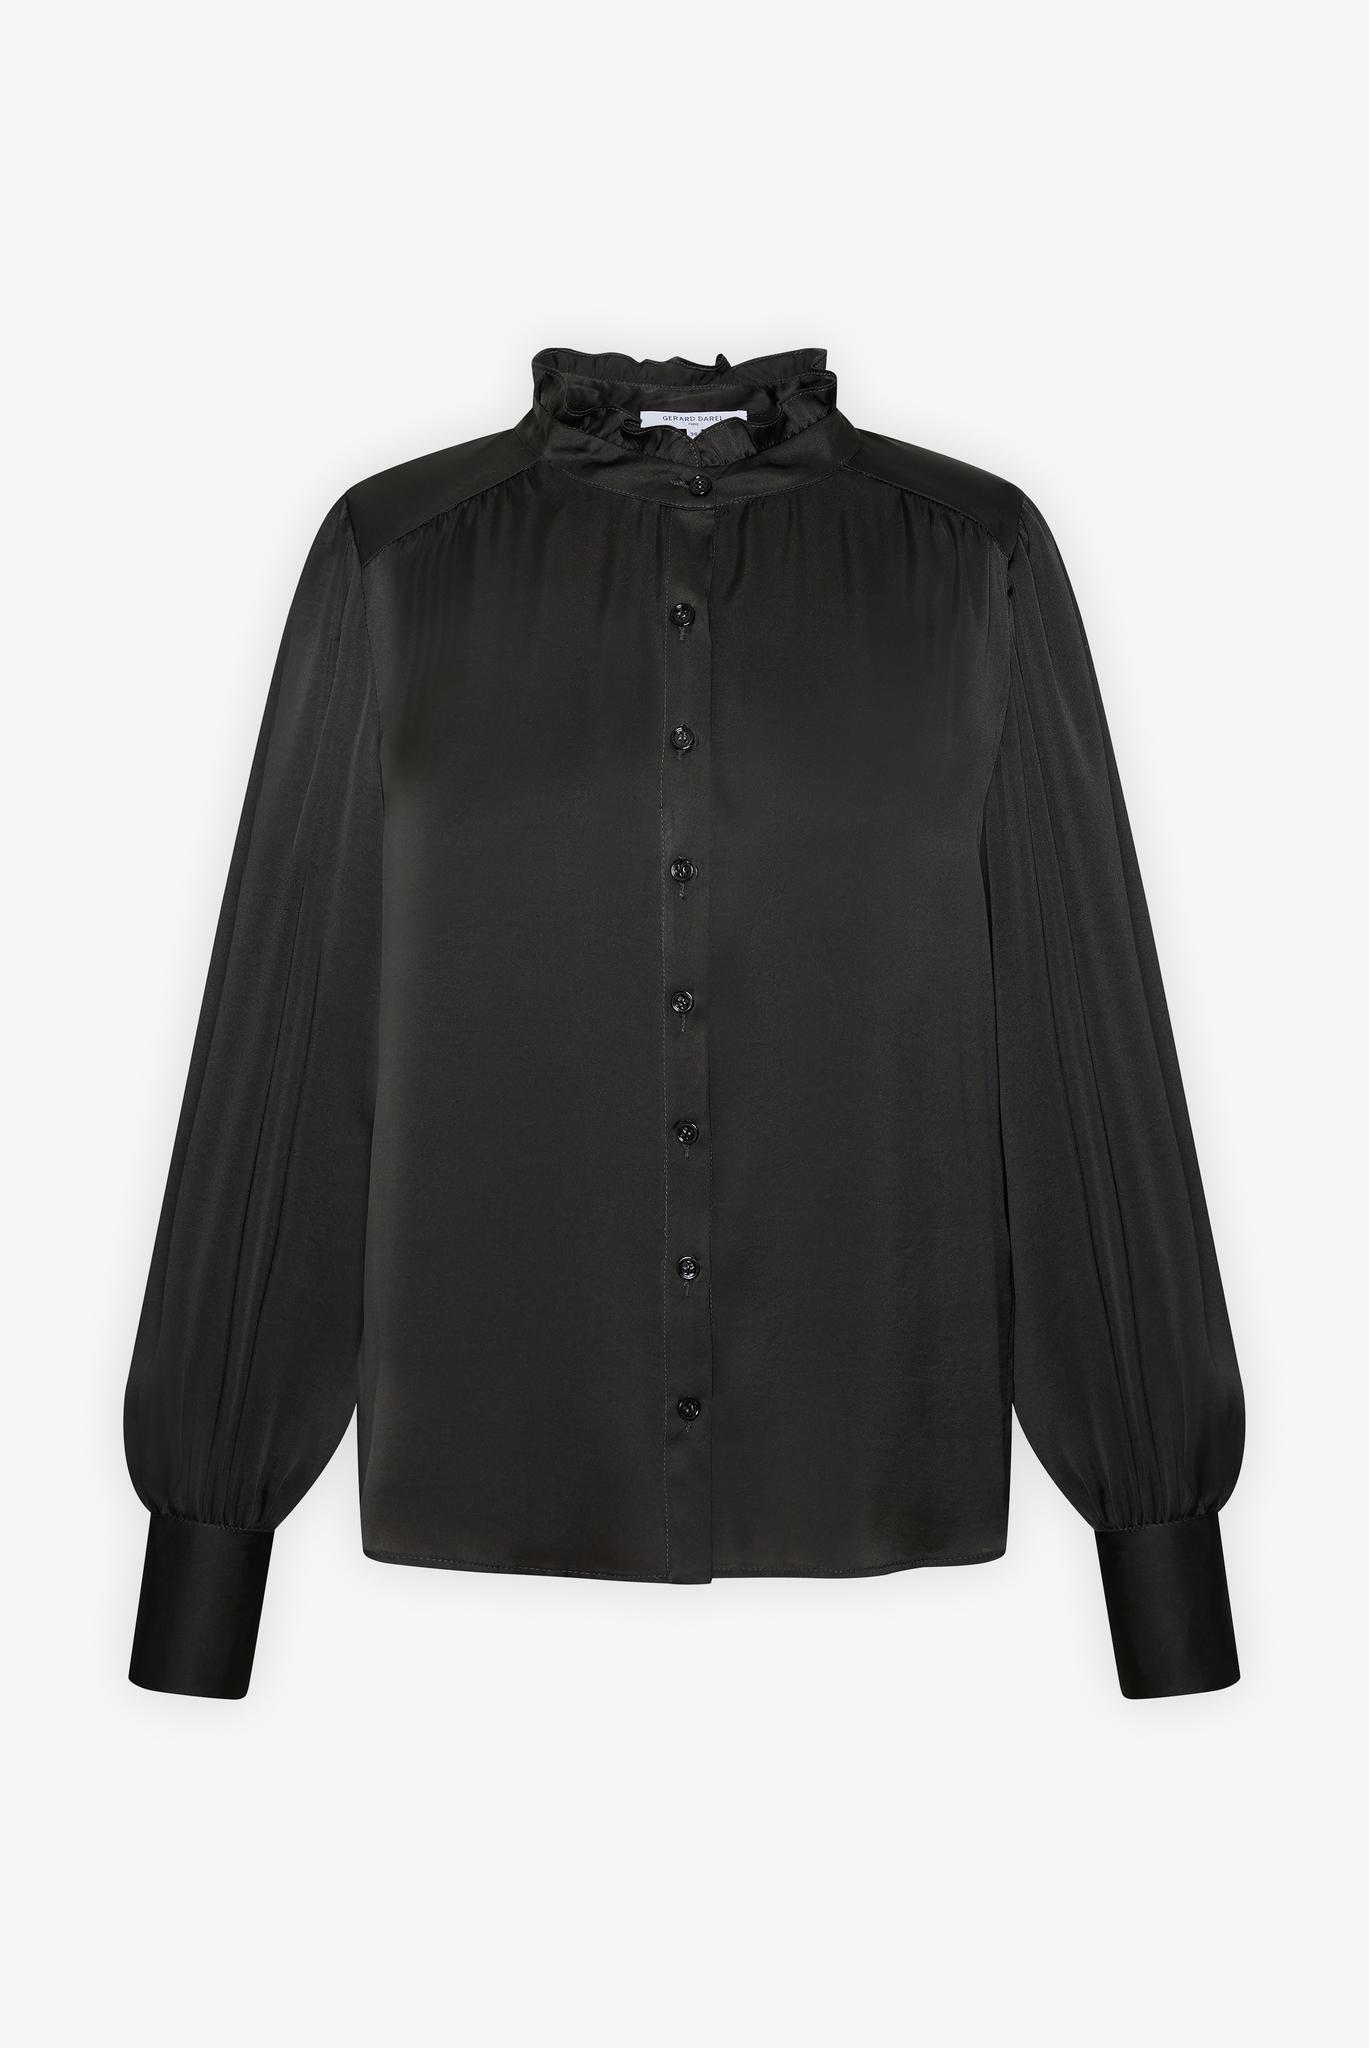 CHIRAZ - Атласная рубашка с рюшами на воротнике